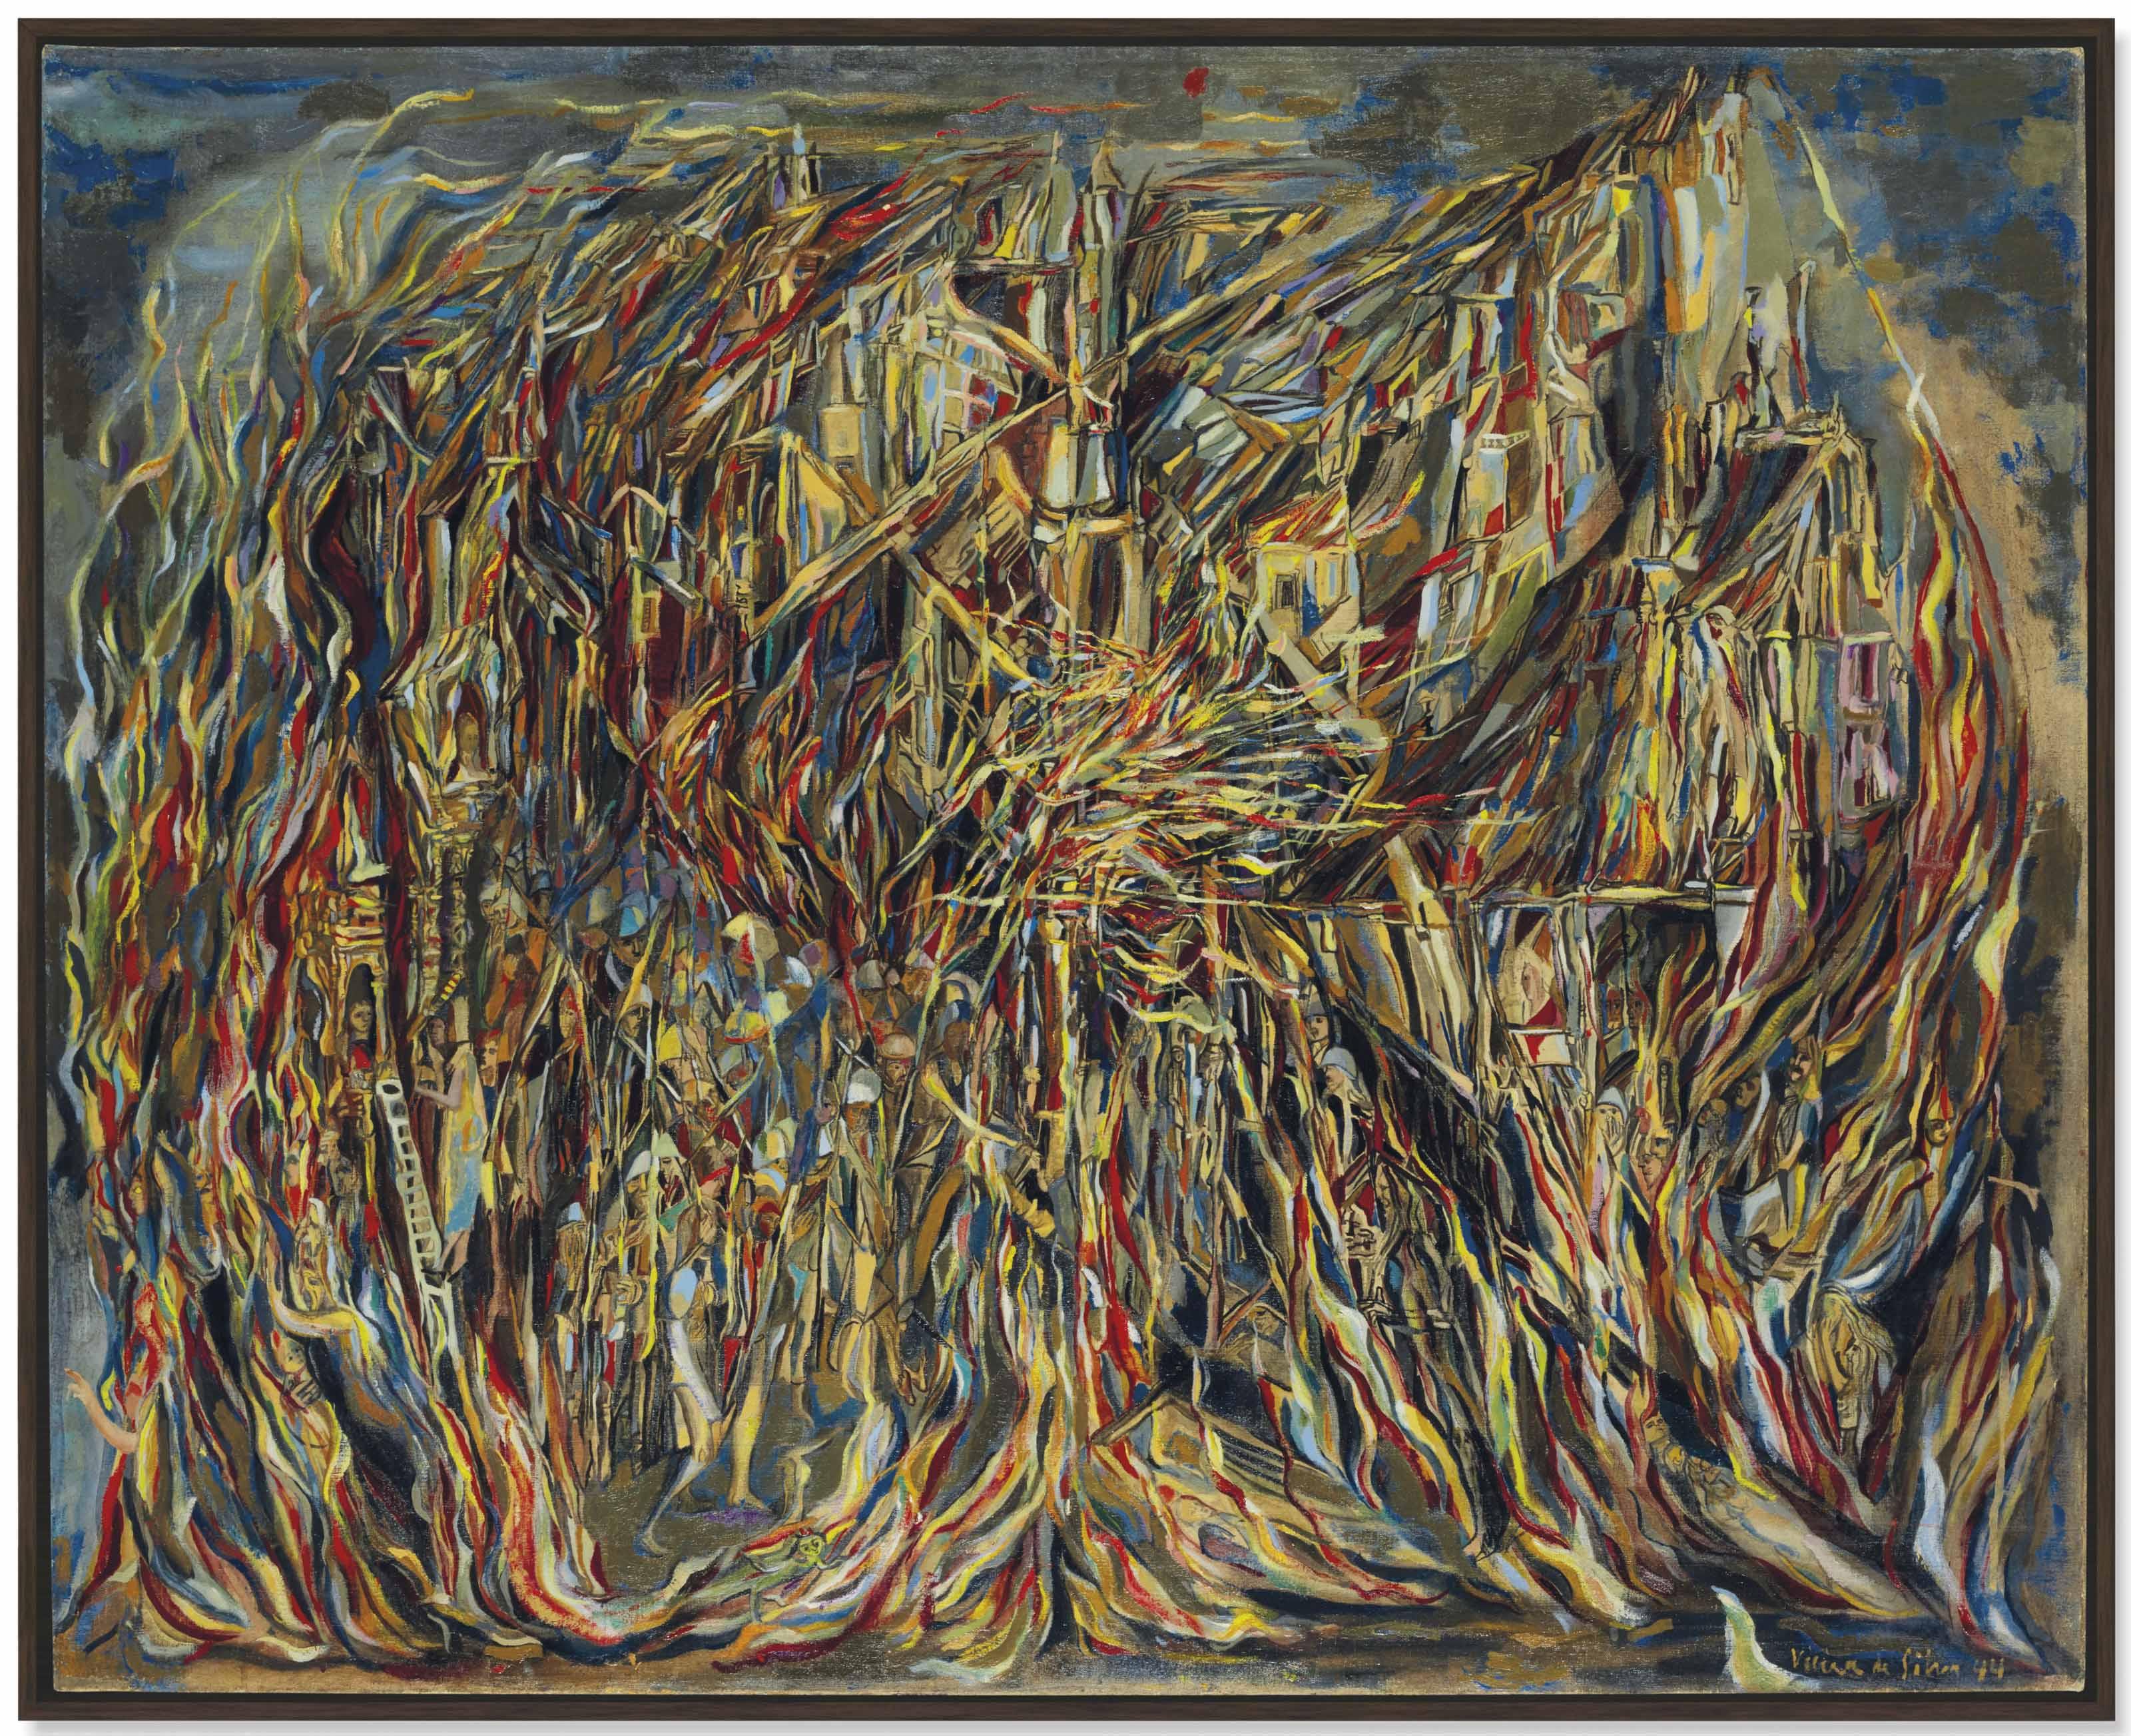 Maria Helena Vieira da Silva (1908-1992) | L'Incendie I (The Fire ...